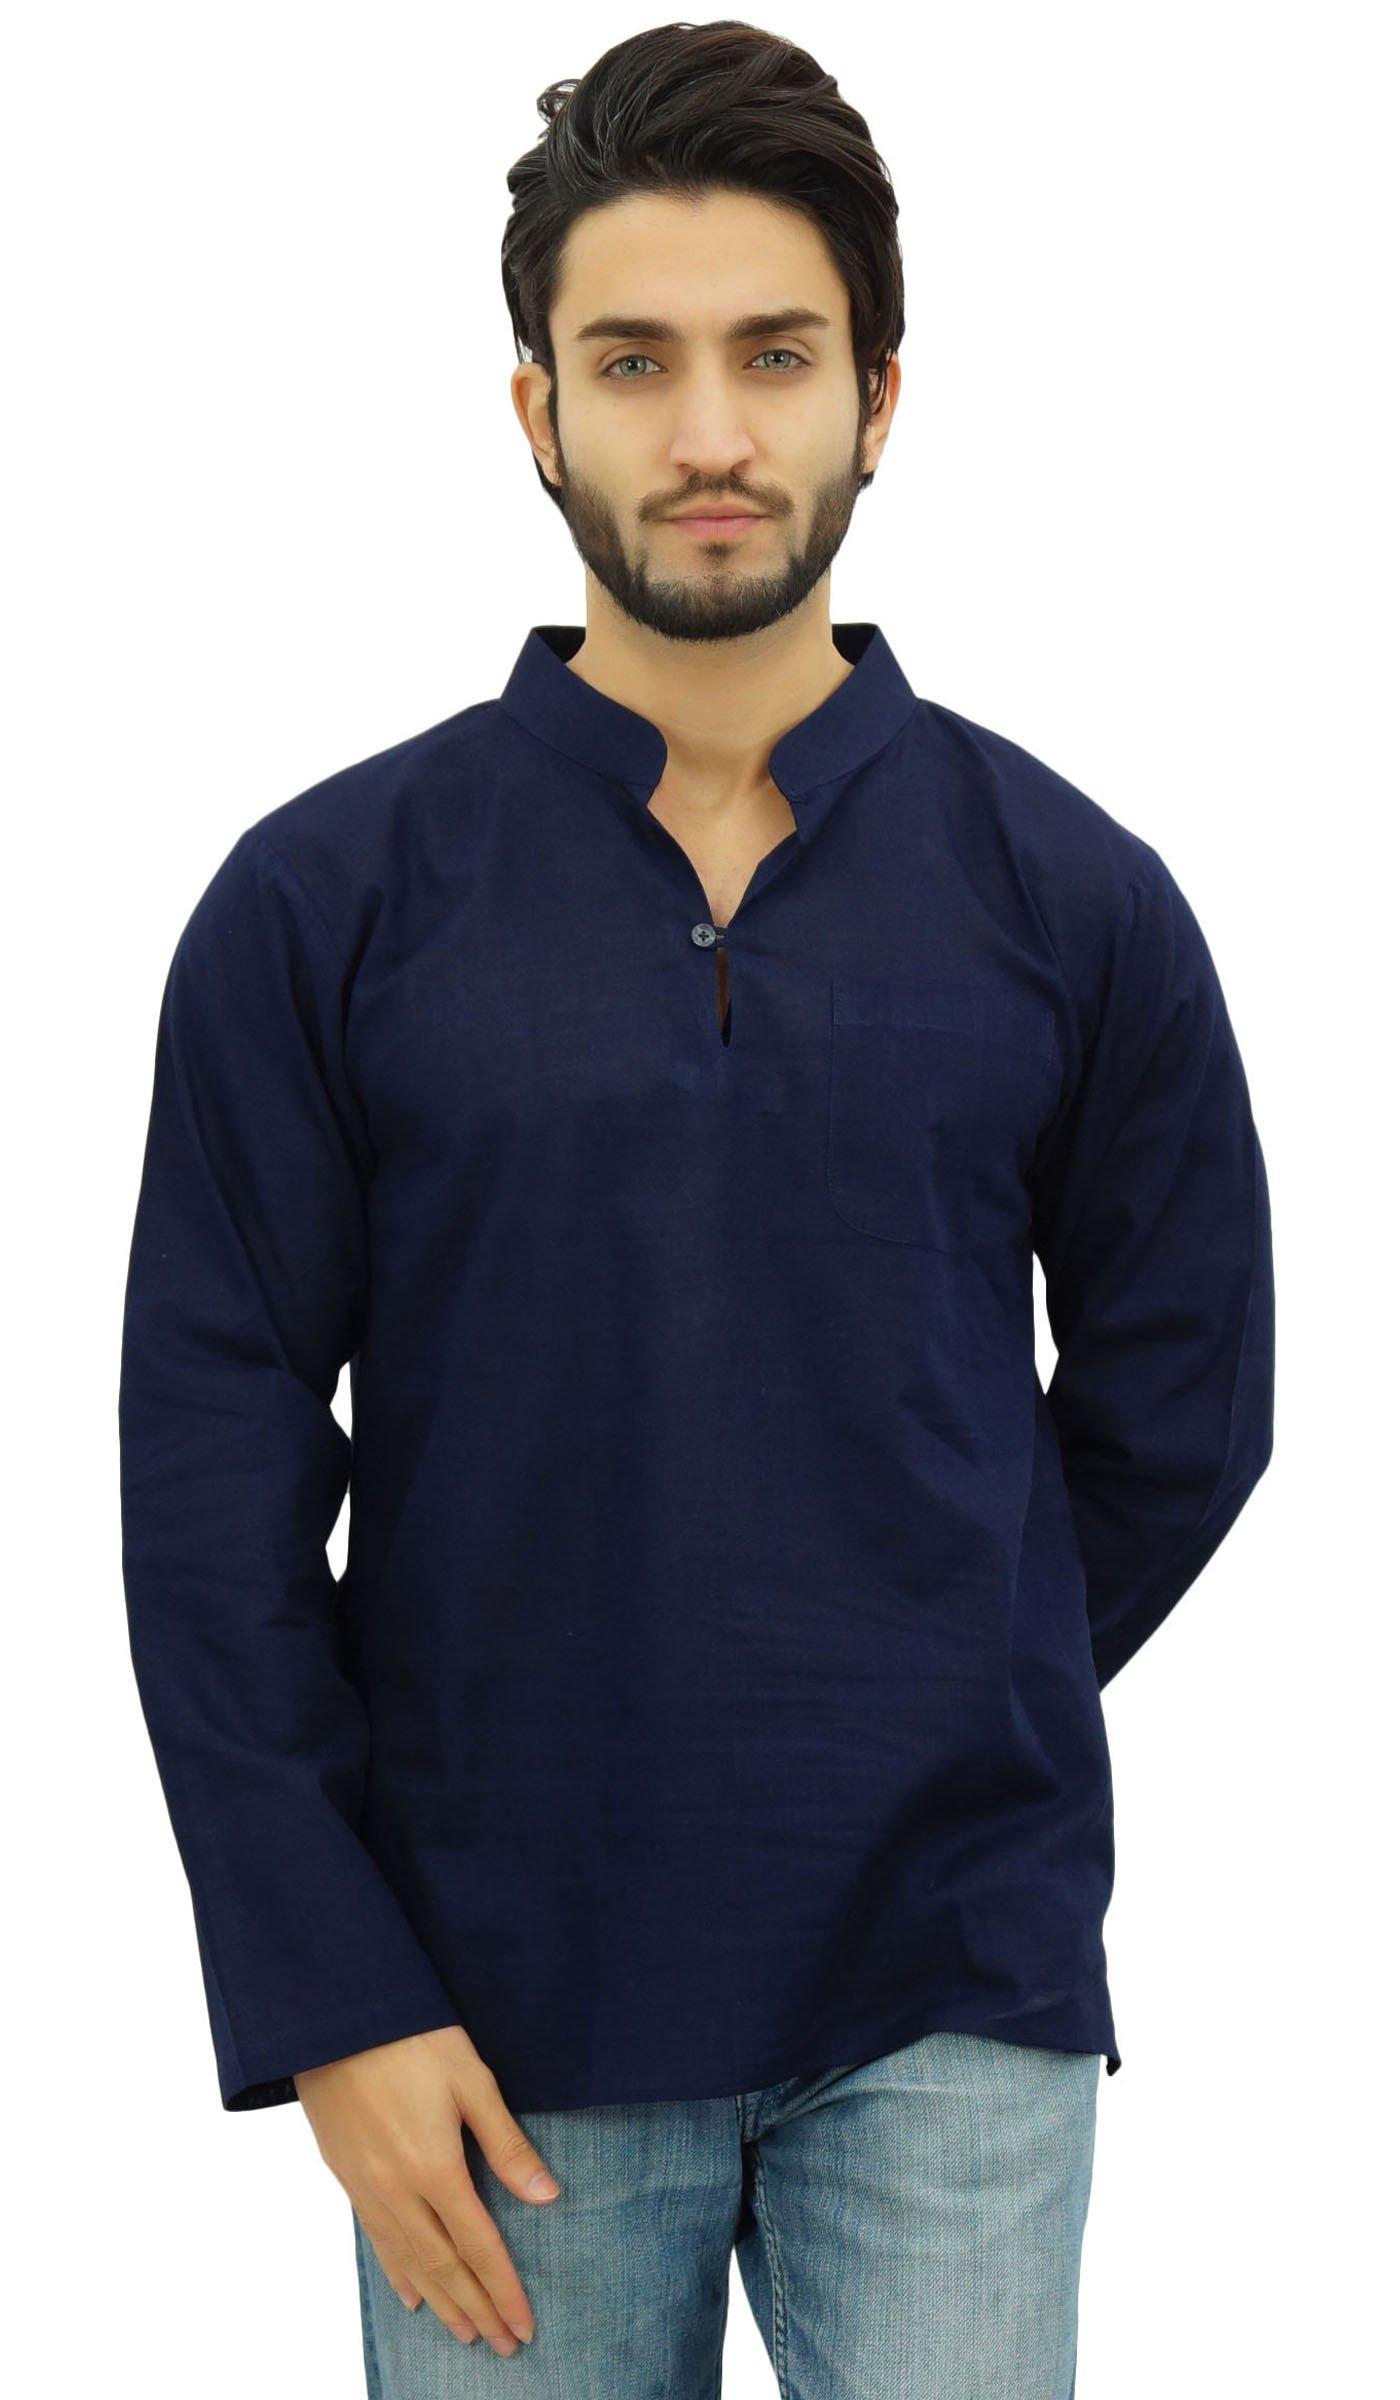 Atasi Men's Band Collar Blue Short Kurta Cotton Casual Tunic Shirt-X-Large